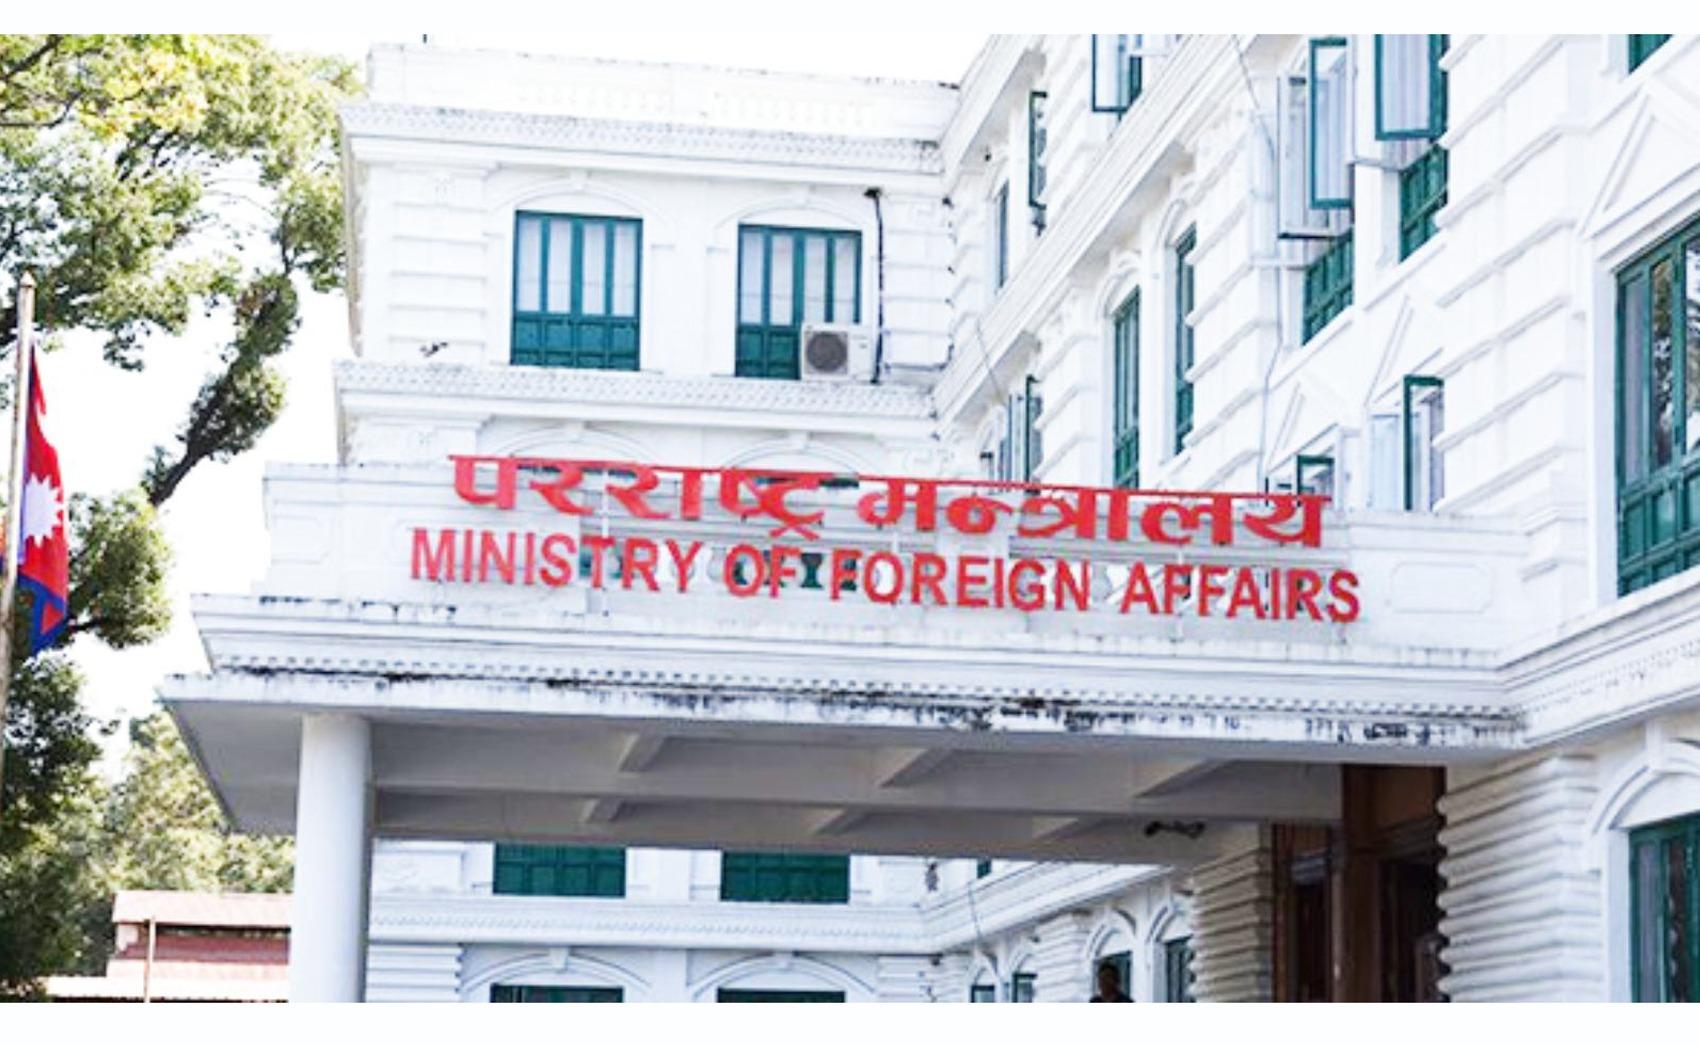 विभिन्न मुलुकमा रहेका कूटनीतिक नियोगलाई आफ्नै घरजग्गामा स्थापना गर्ने अभियानमा सरकार